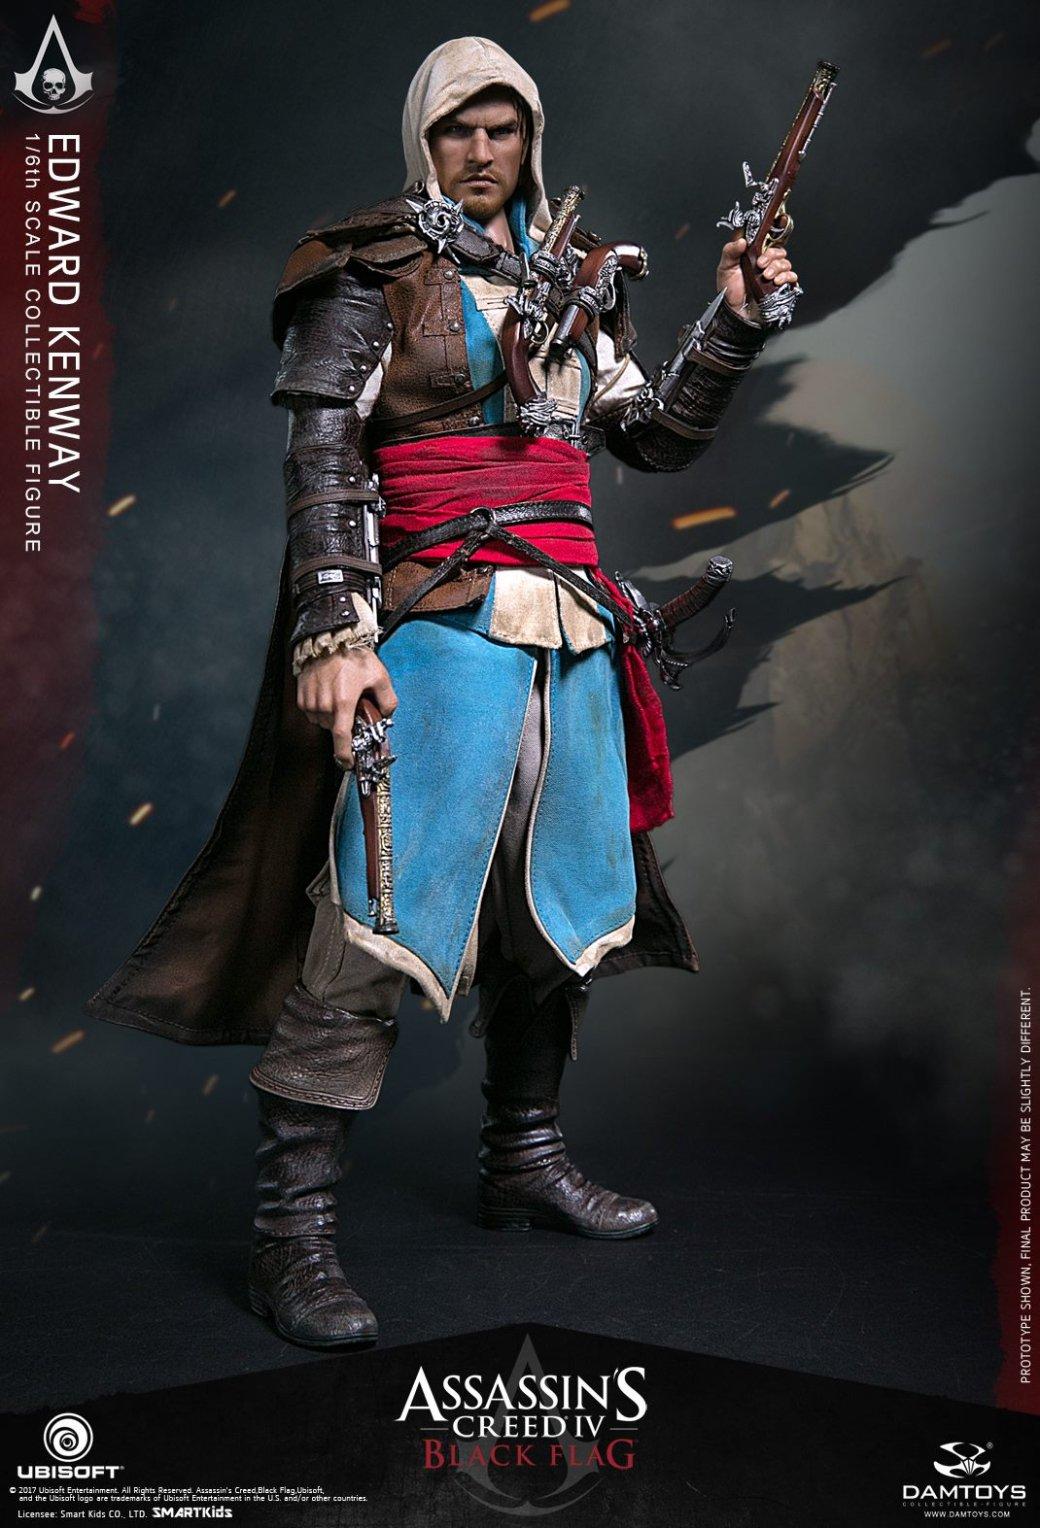 Невероятно детализированная фигурка пирата и ассассина Эдварда Кенуэя